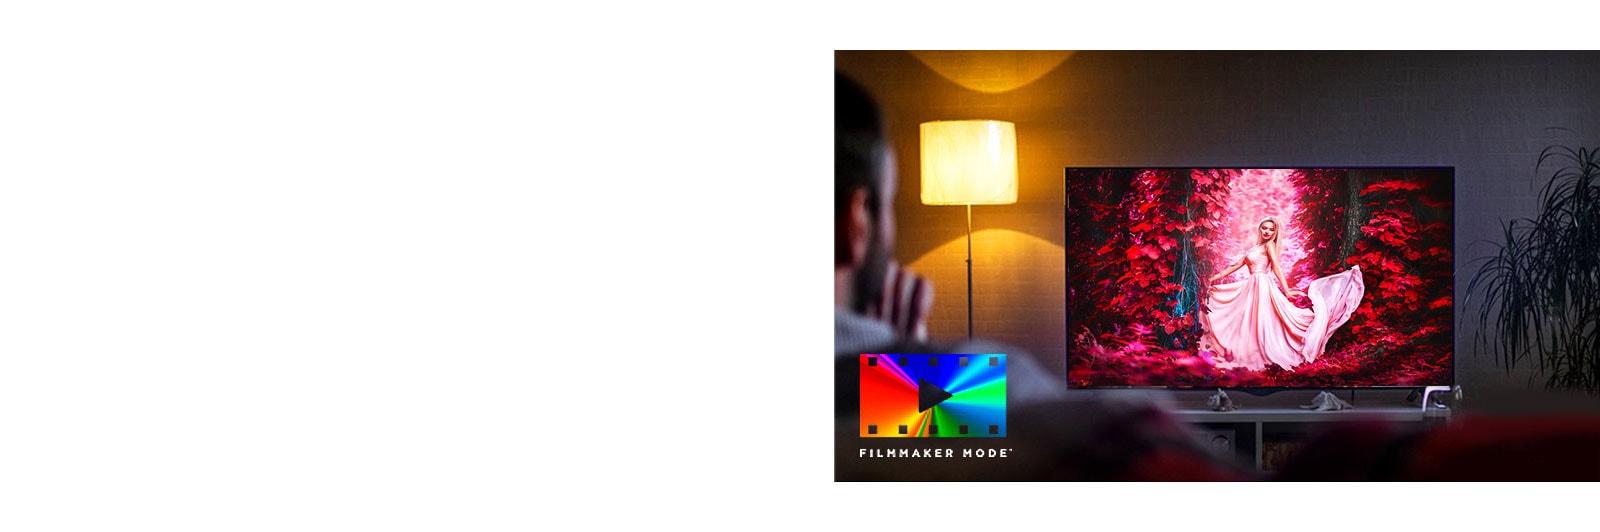 Un hombre está sentado en un sofá viendo una película de acción. La chica en la televisión tiene un arco y una flecha completamente tensos.